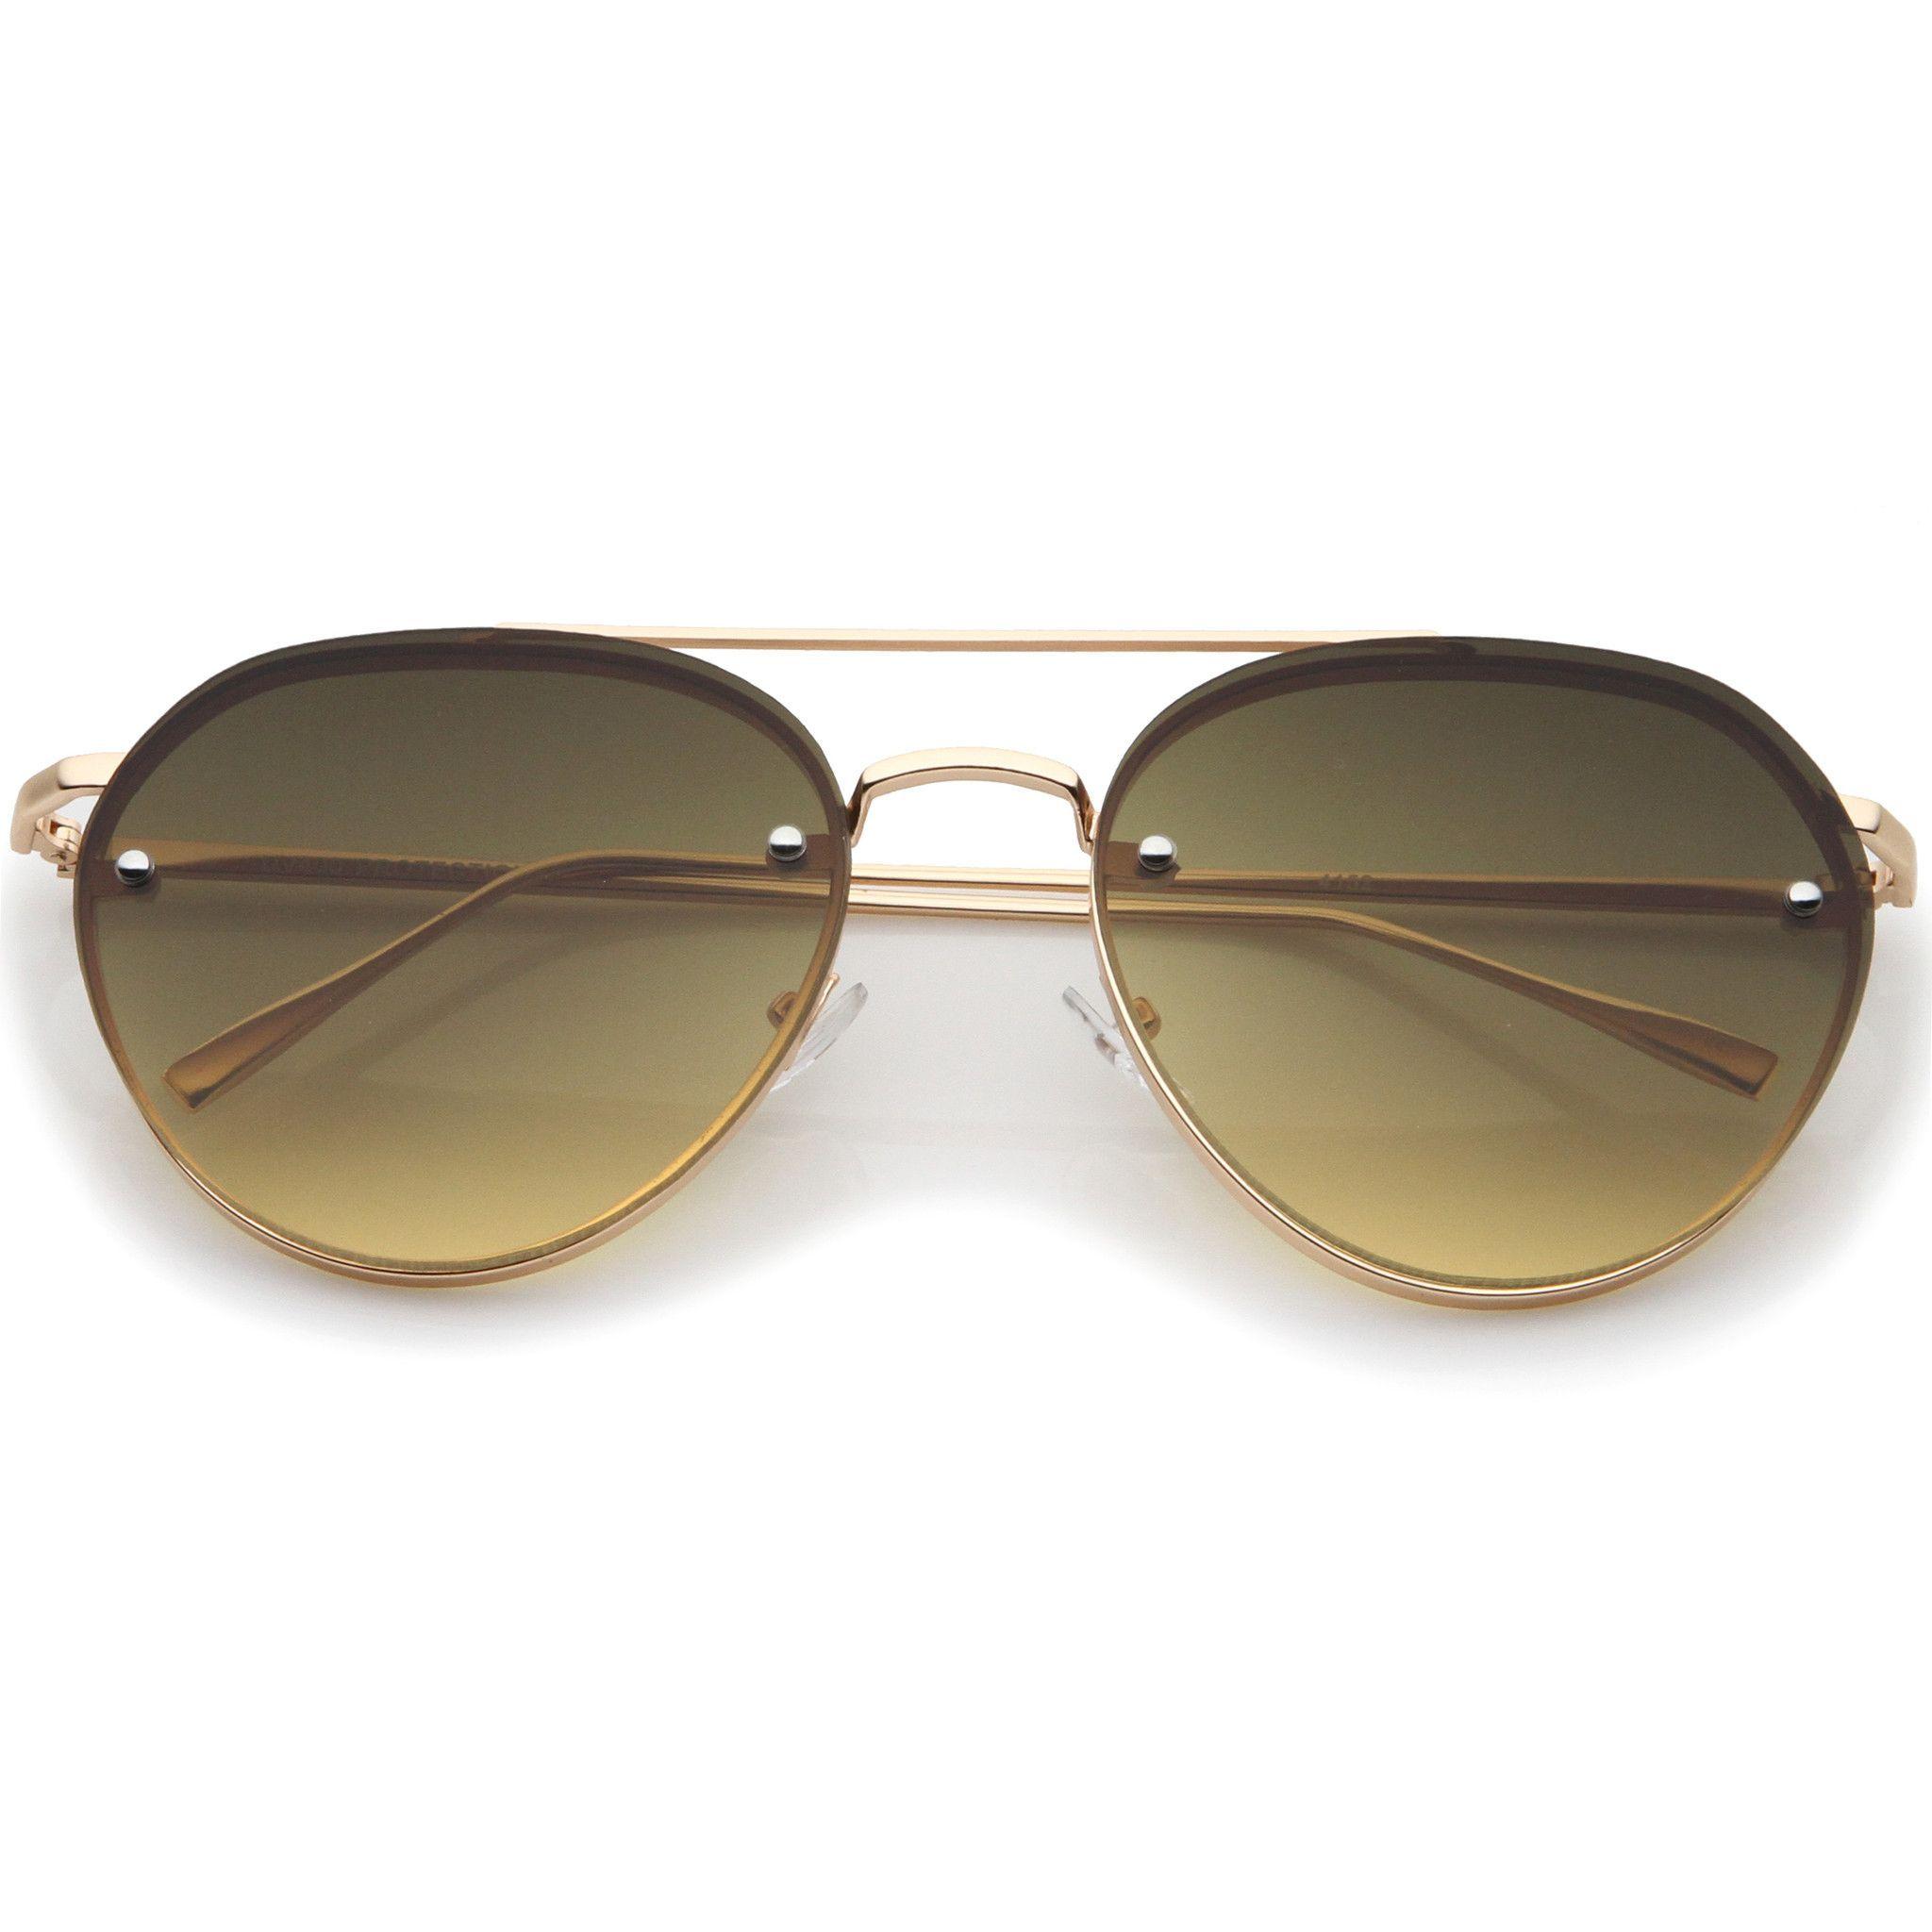 Gafas de Sol Aviador de Espejo Retro Oversized Semi-Rimless Anteojos Mujer Hombre Bgi2QE1uv